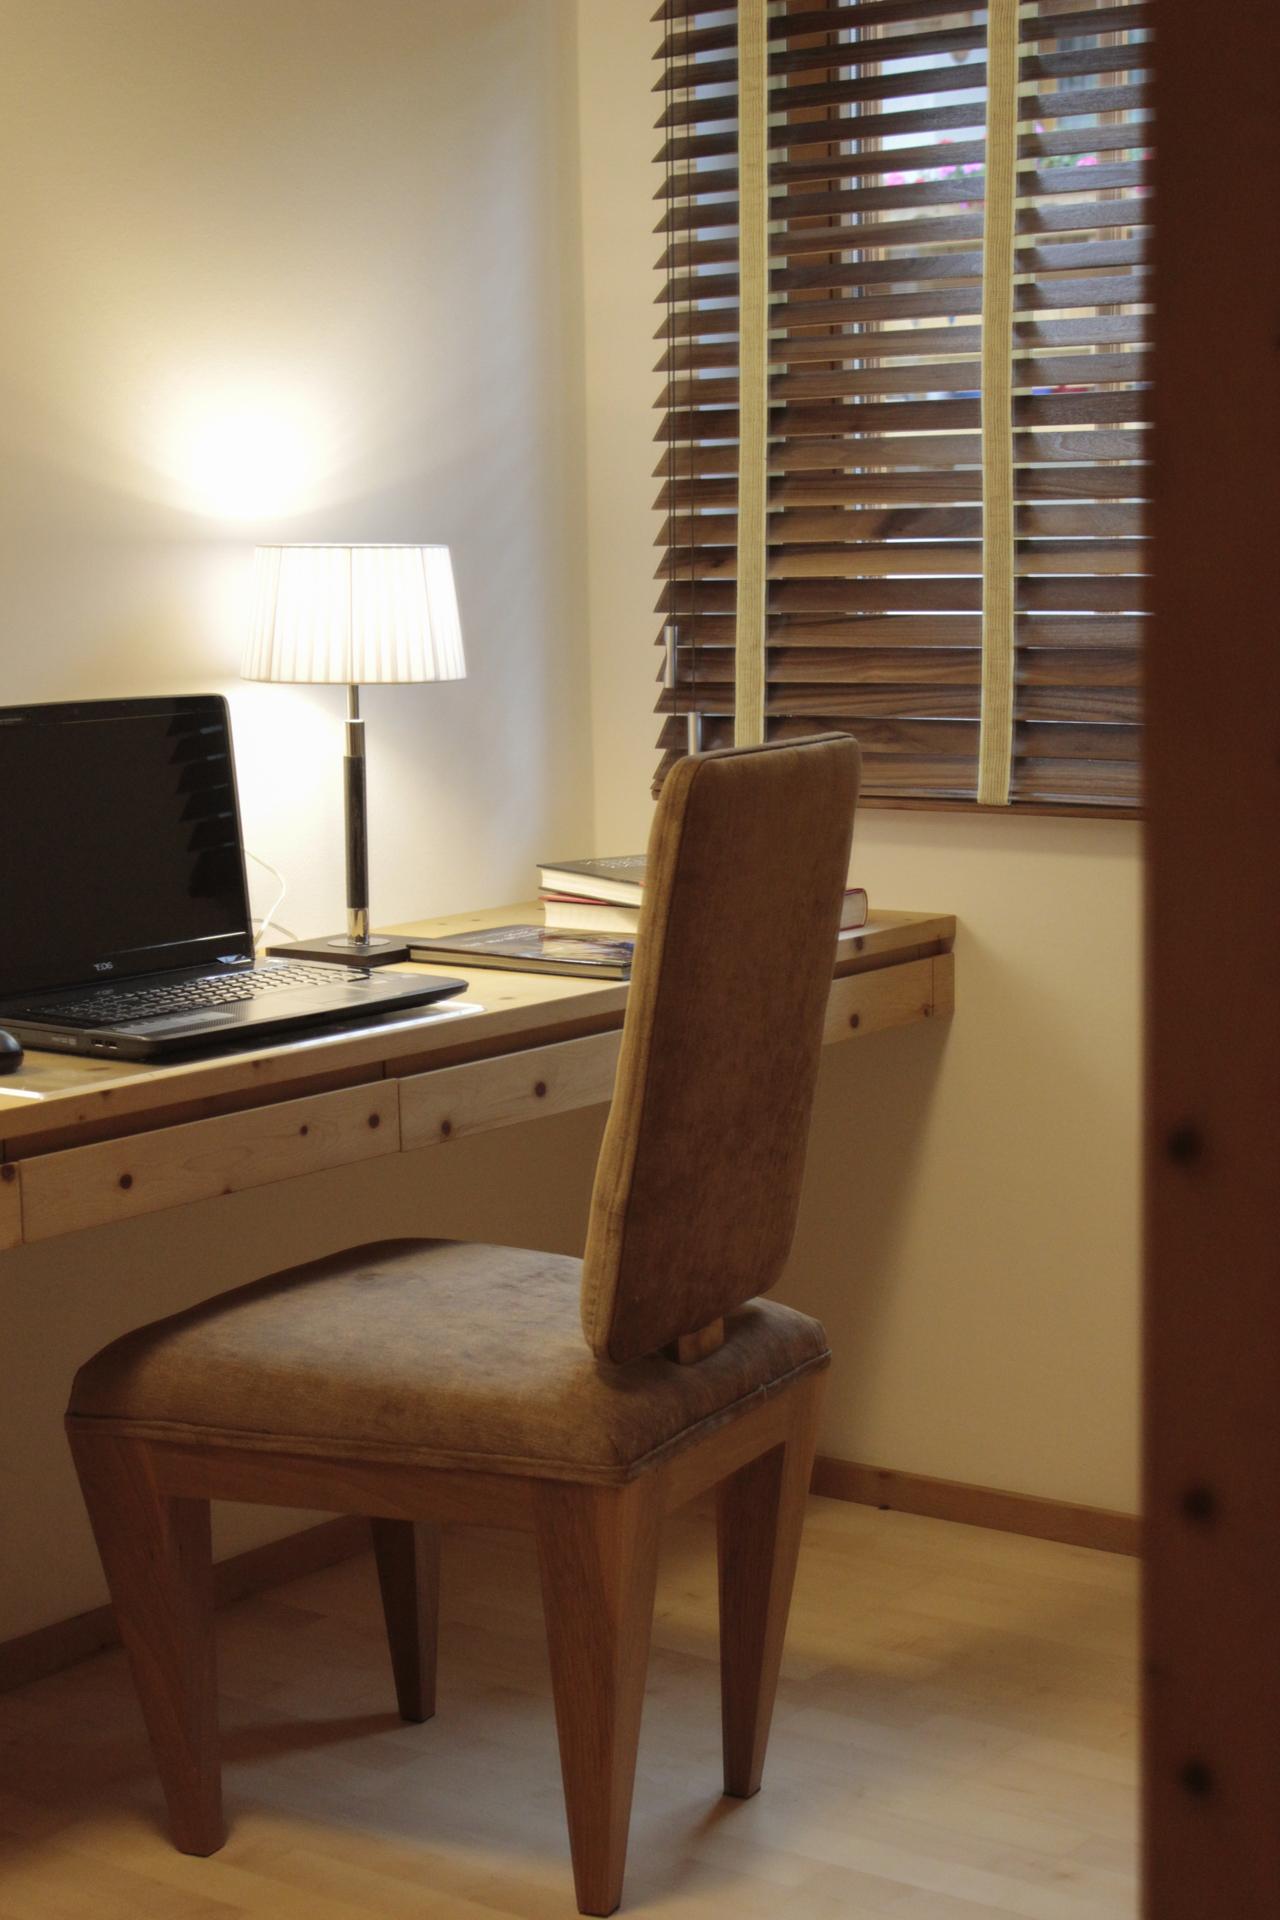 tischlerei-decker-wohnen-arbeitsraum-sessel